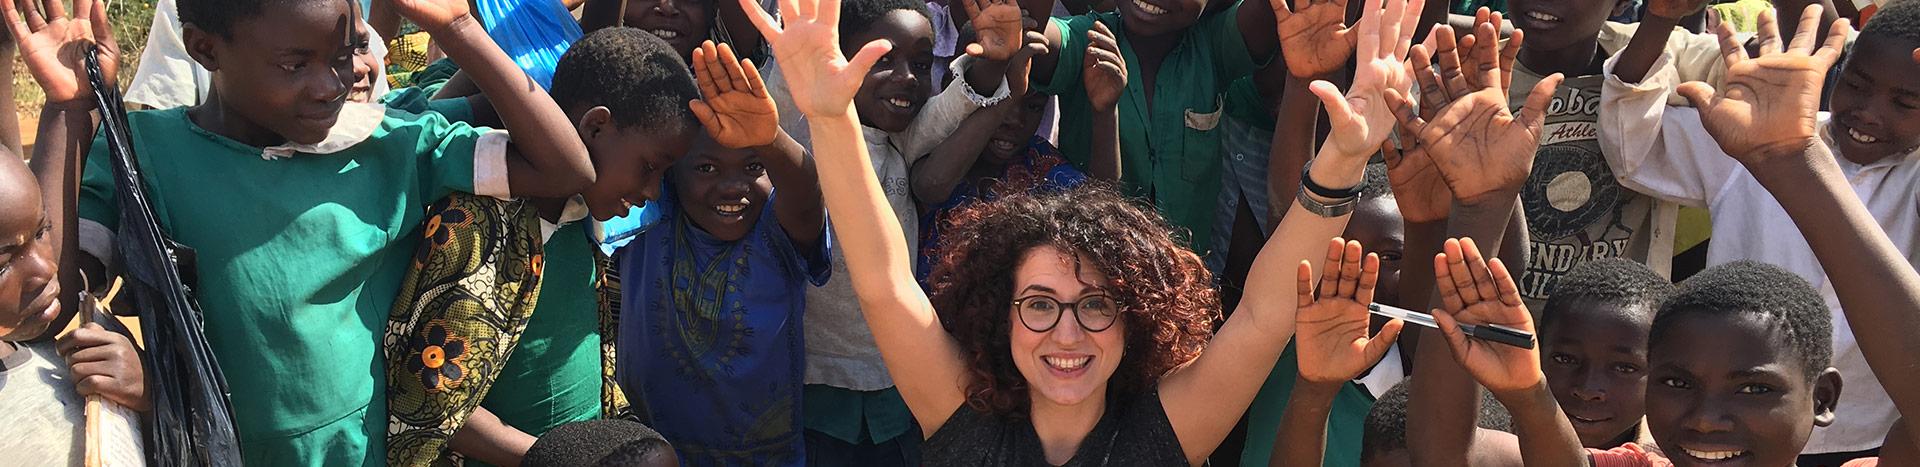 incontri in Malawi Blantyre annunci di incontri divertenti nei giornali